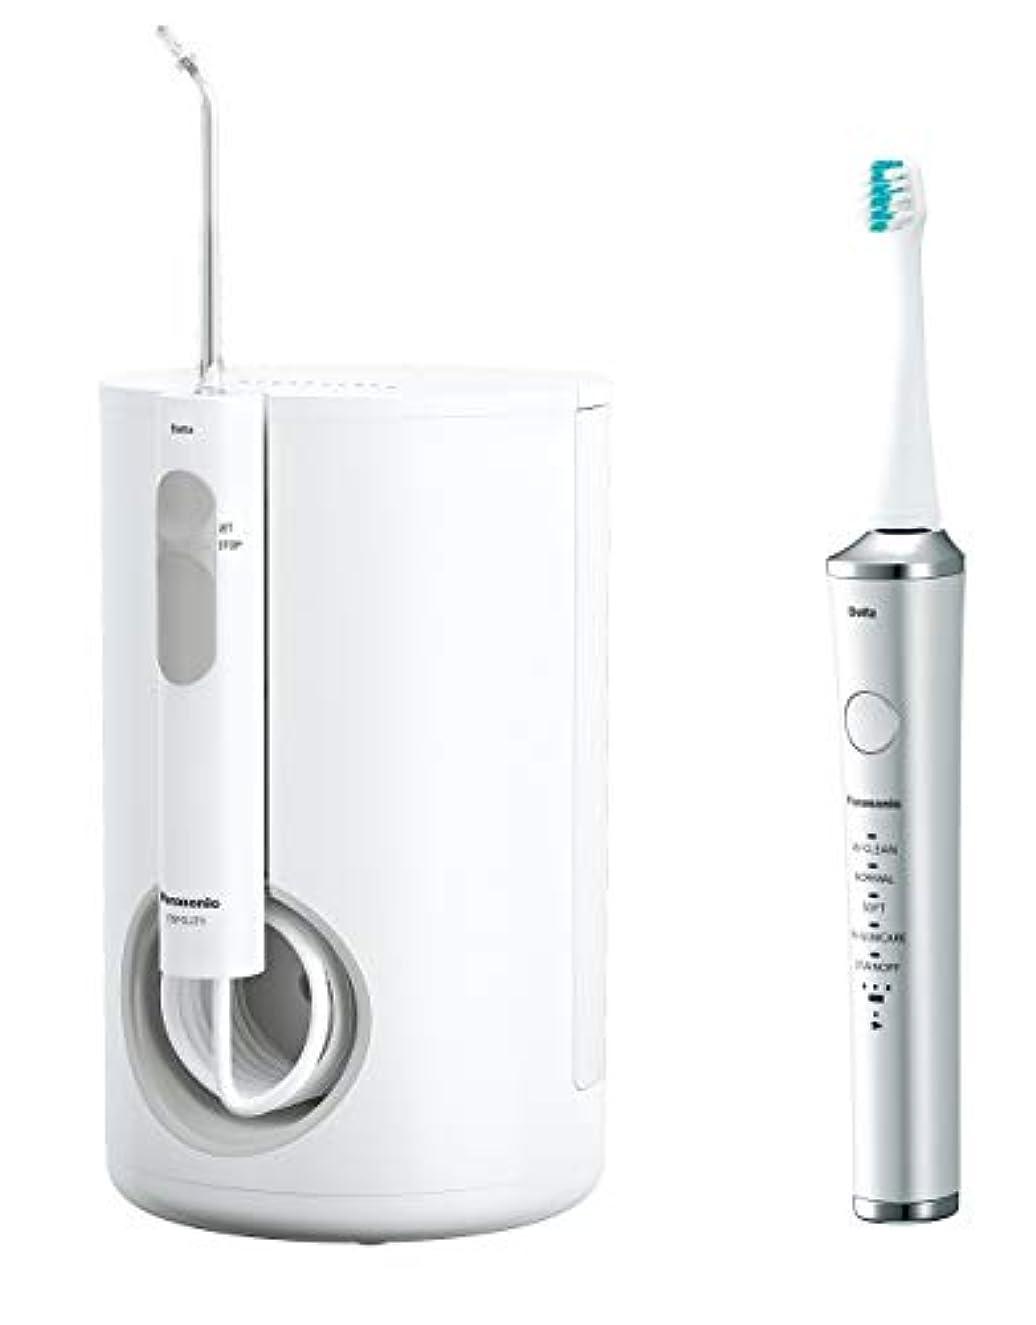 伝染性チェスセントパナソニック 口腔洗浄器 ジェットウォッシャー ドルツ 白 EW-DJ71-W + 電動歯ブラシ ドルツ セット